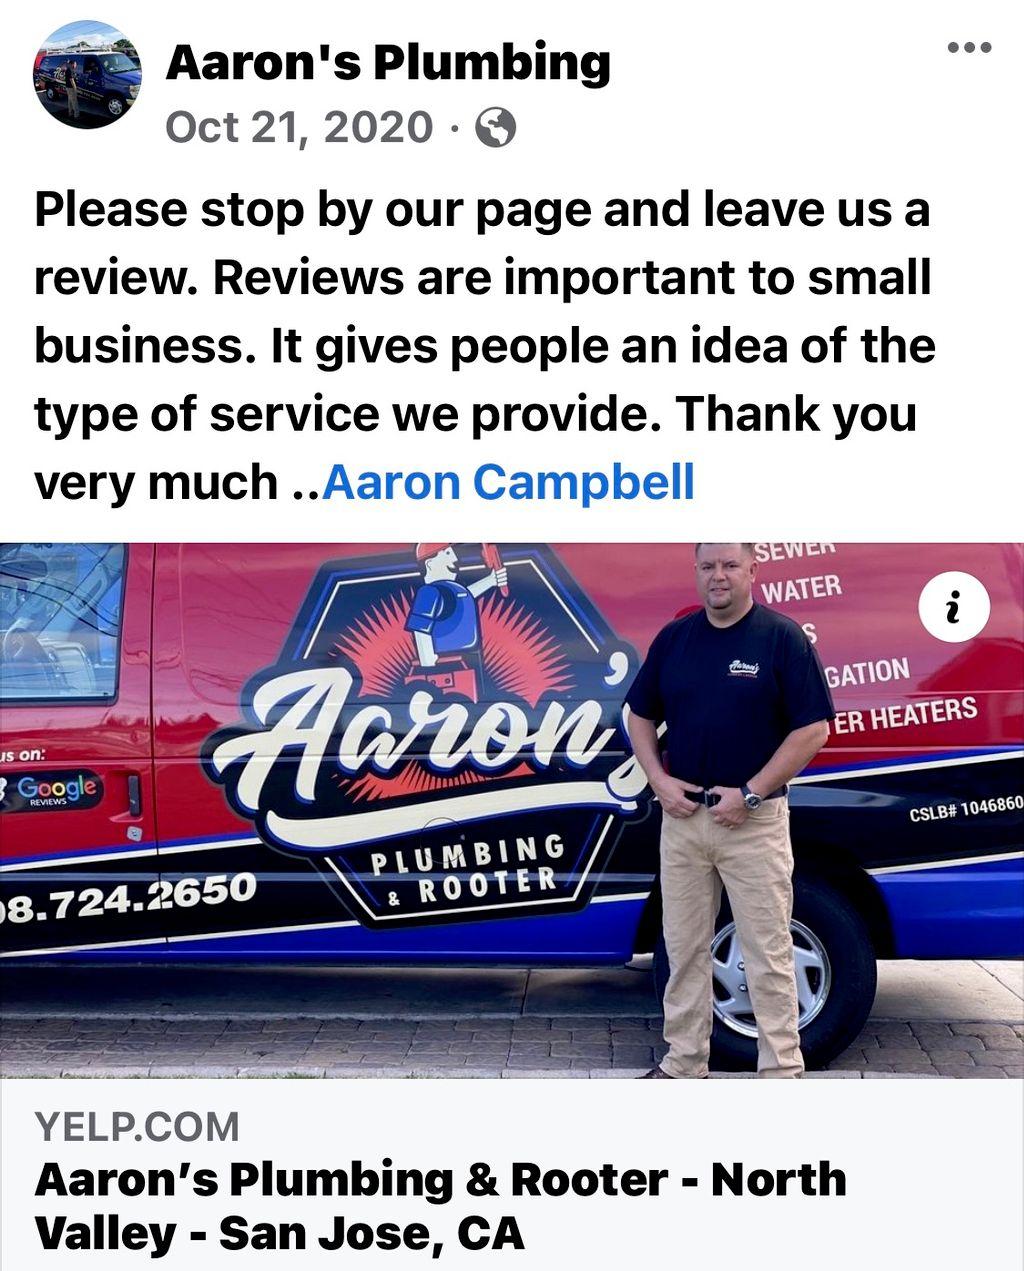 Aaron's Plumbing & Rooter